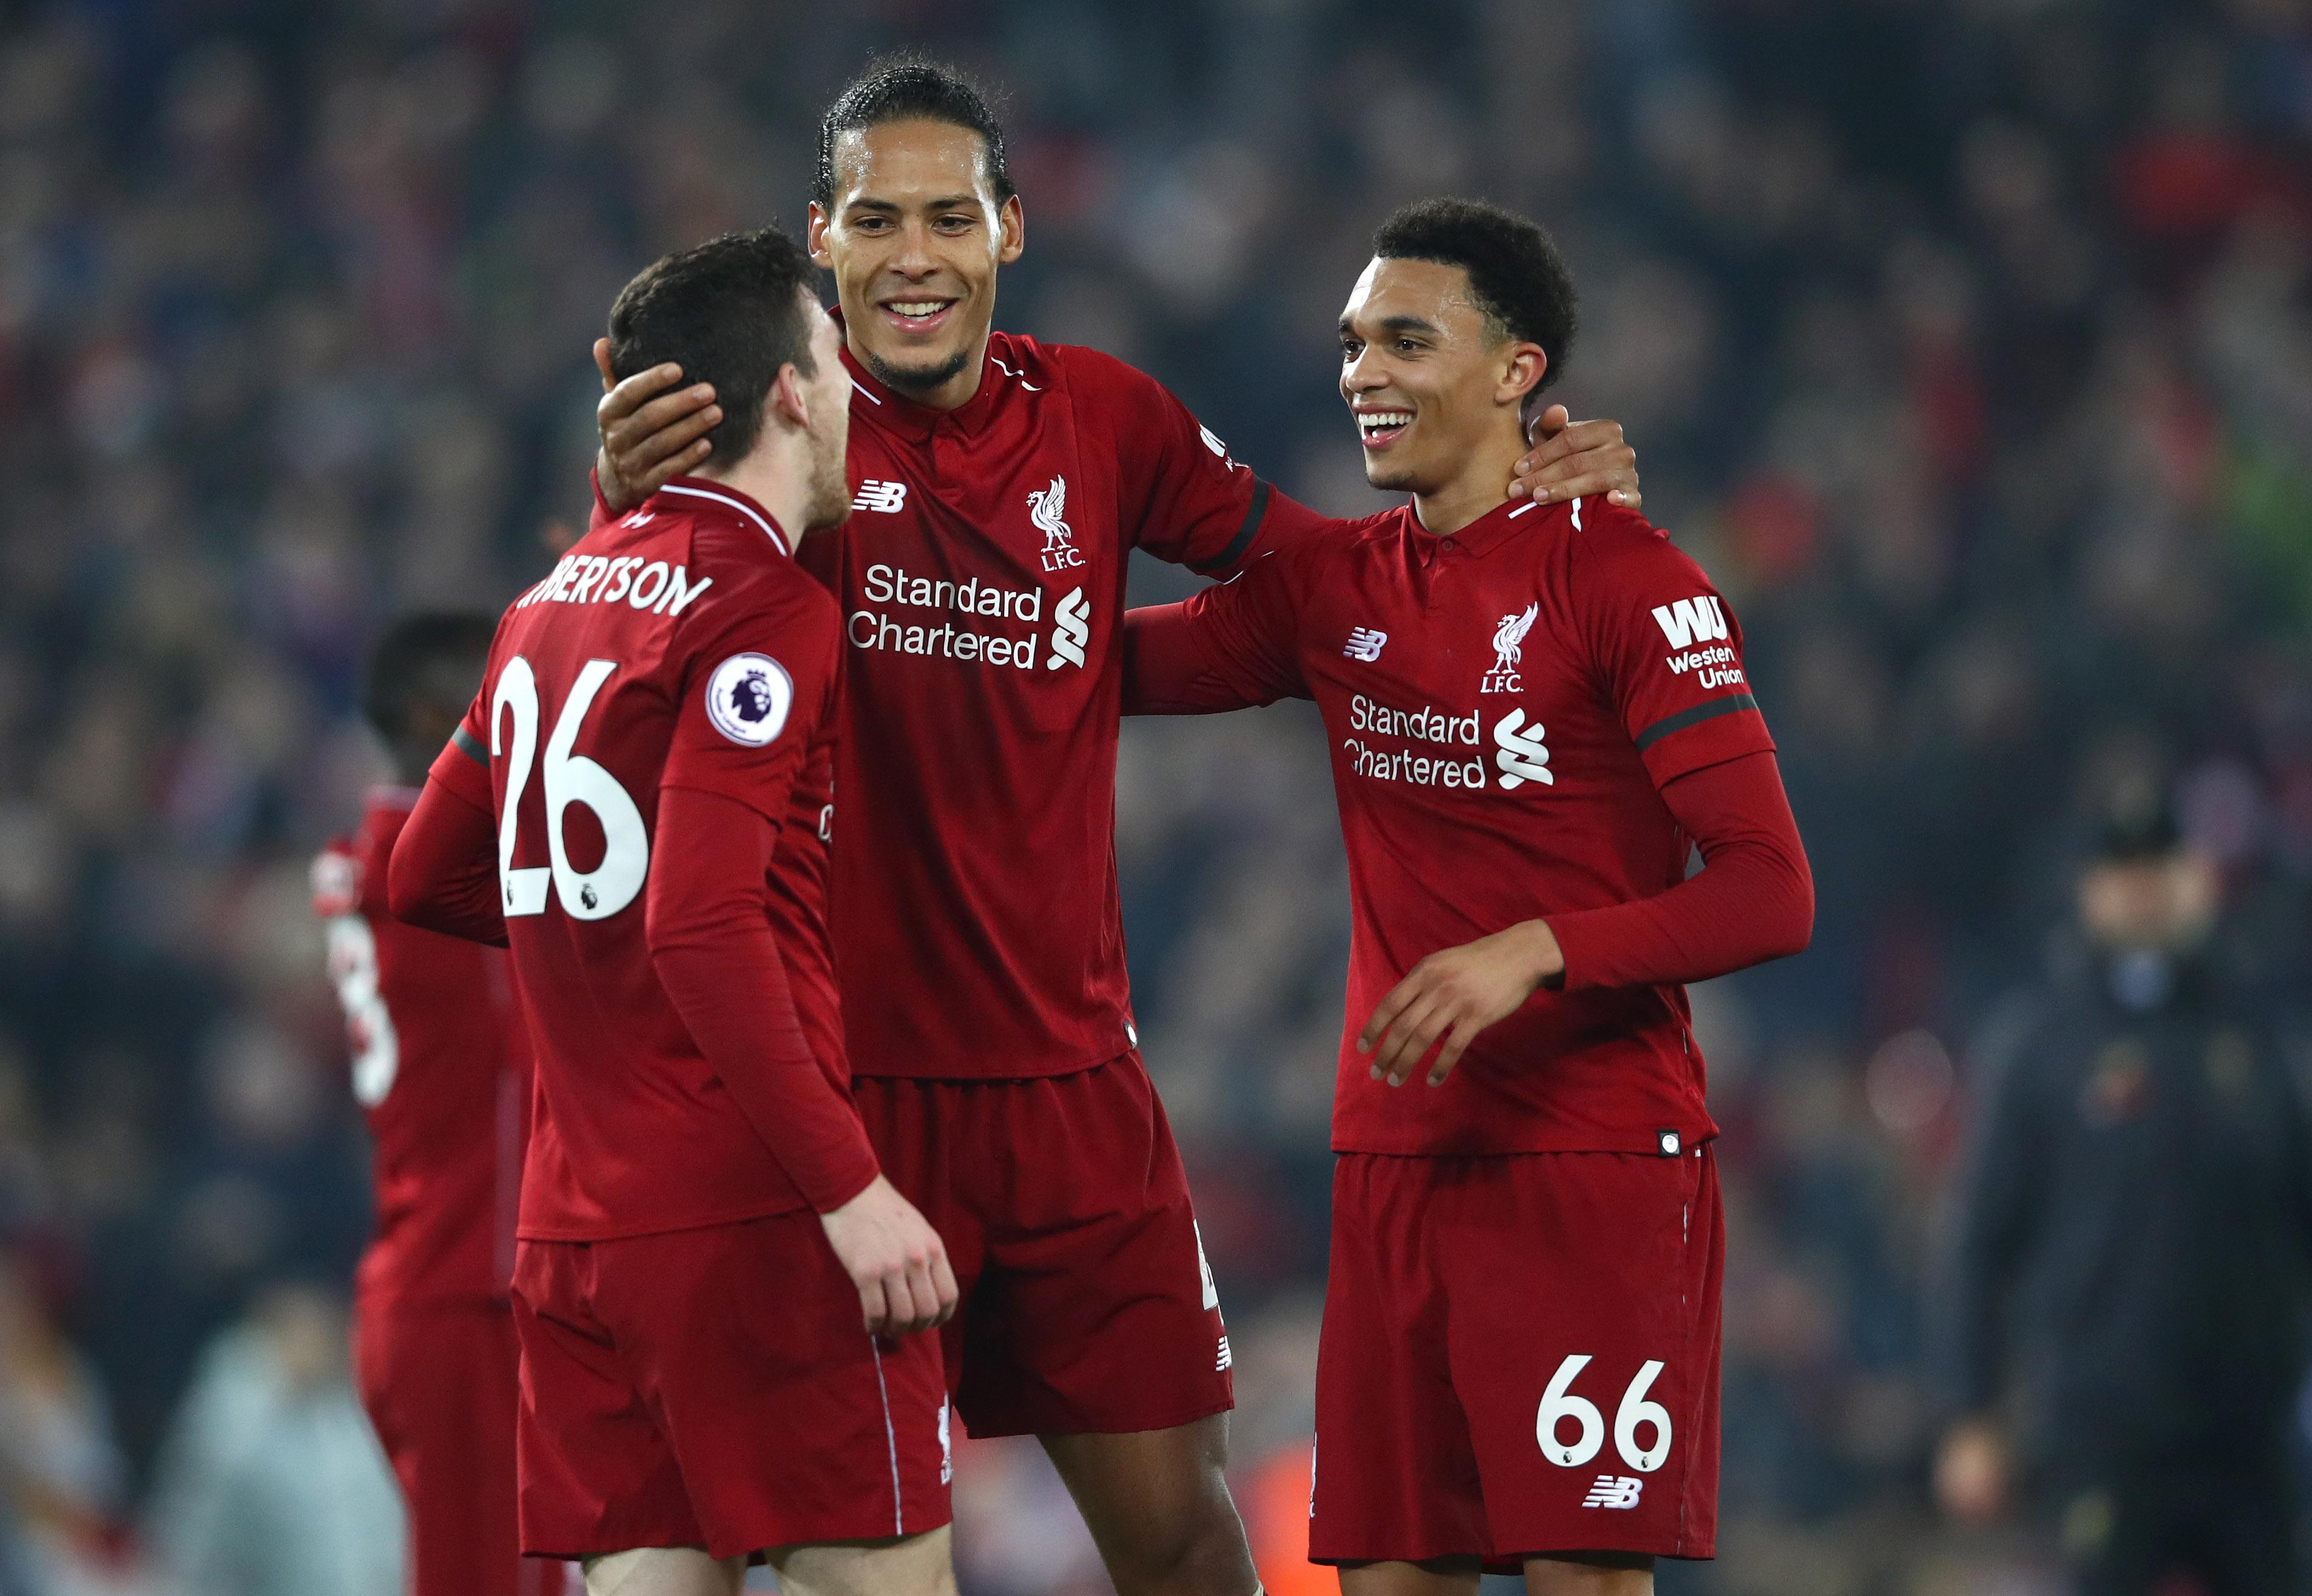 Liverpool Internationals Update: A Mixed Bag